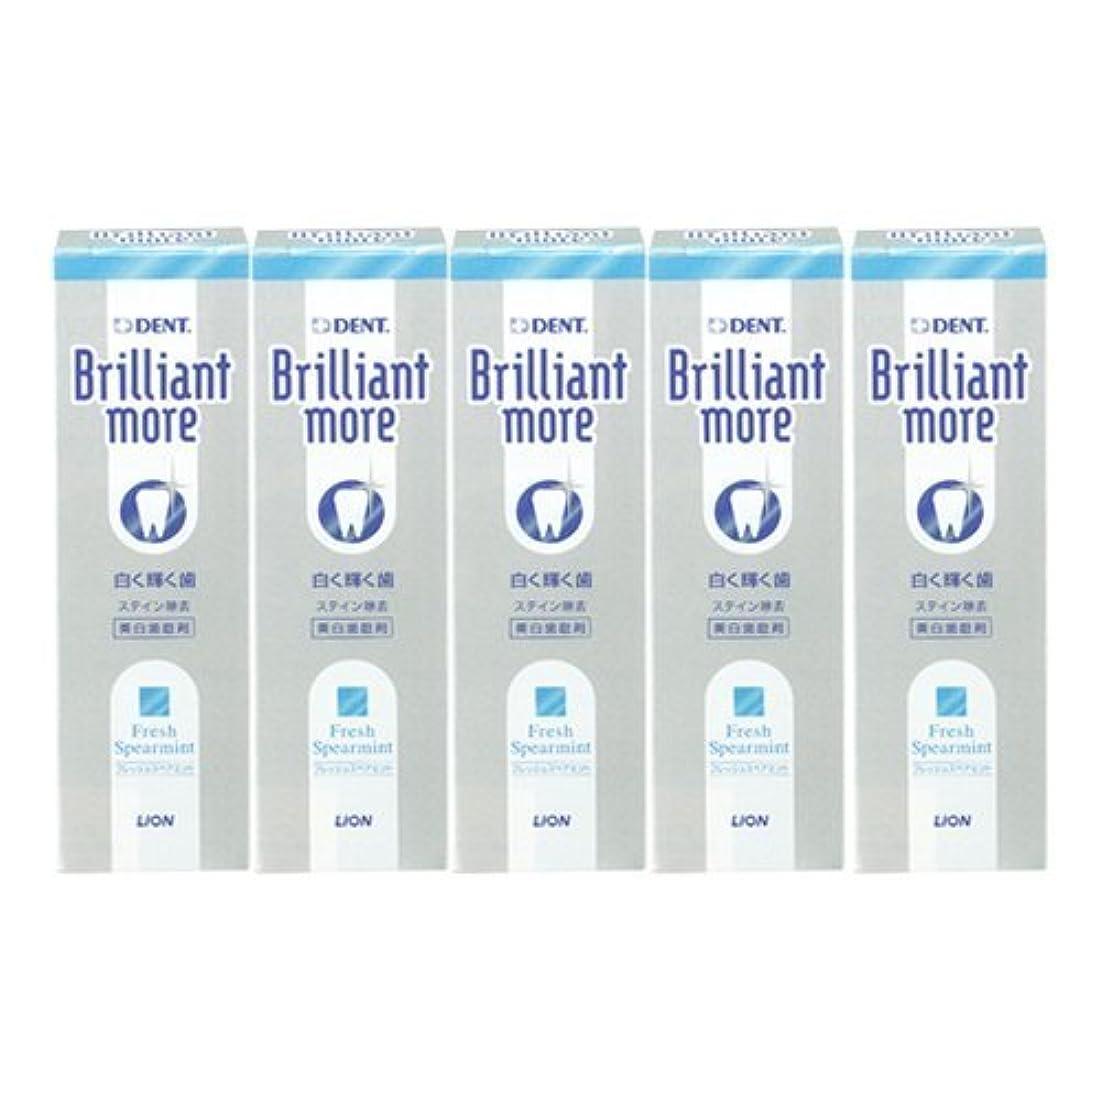 バットタイピストシンプルさライオン ブリリアントモア フレッシュスペアミント 美白歯磨剤 LION Brilliant more 5本セット